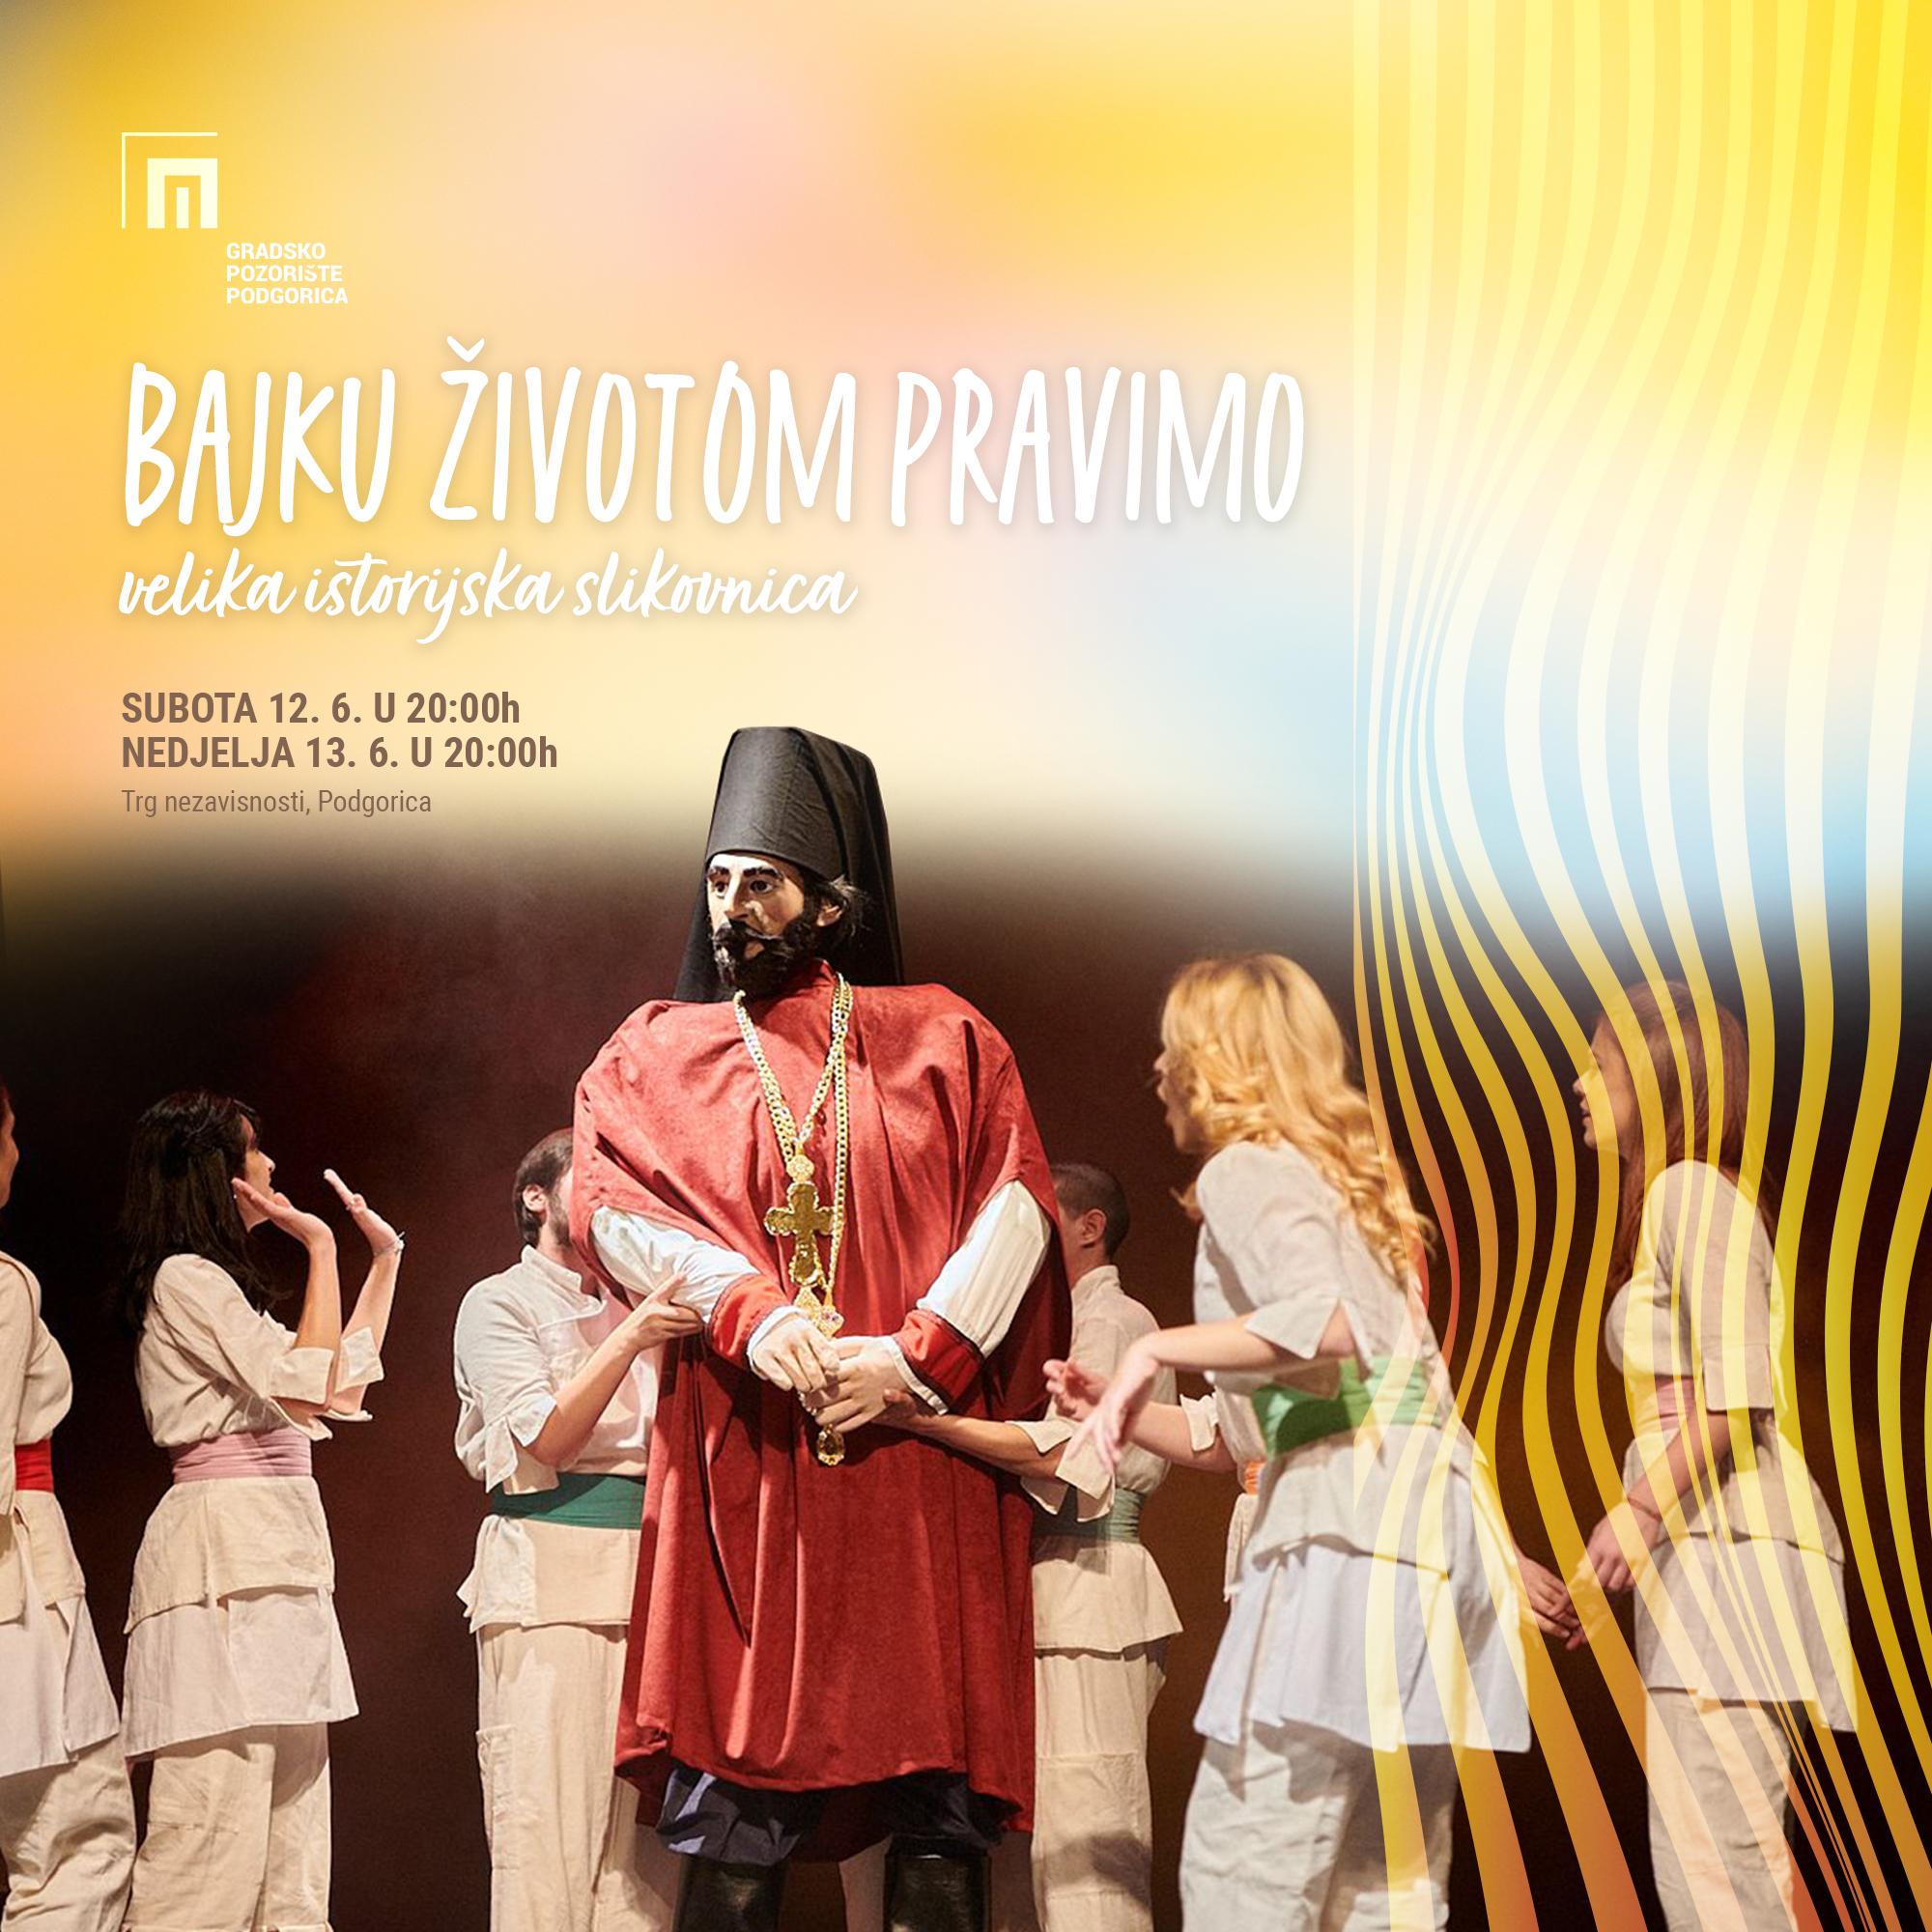 Velika istorijska slikovnica otvara Podgoričko kulturno ljeto